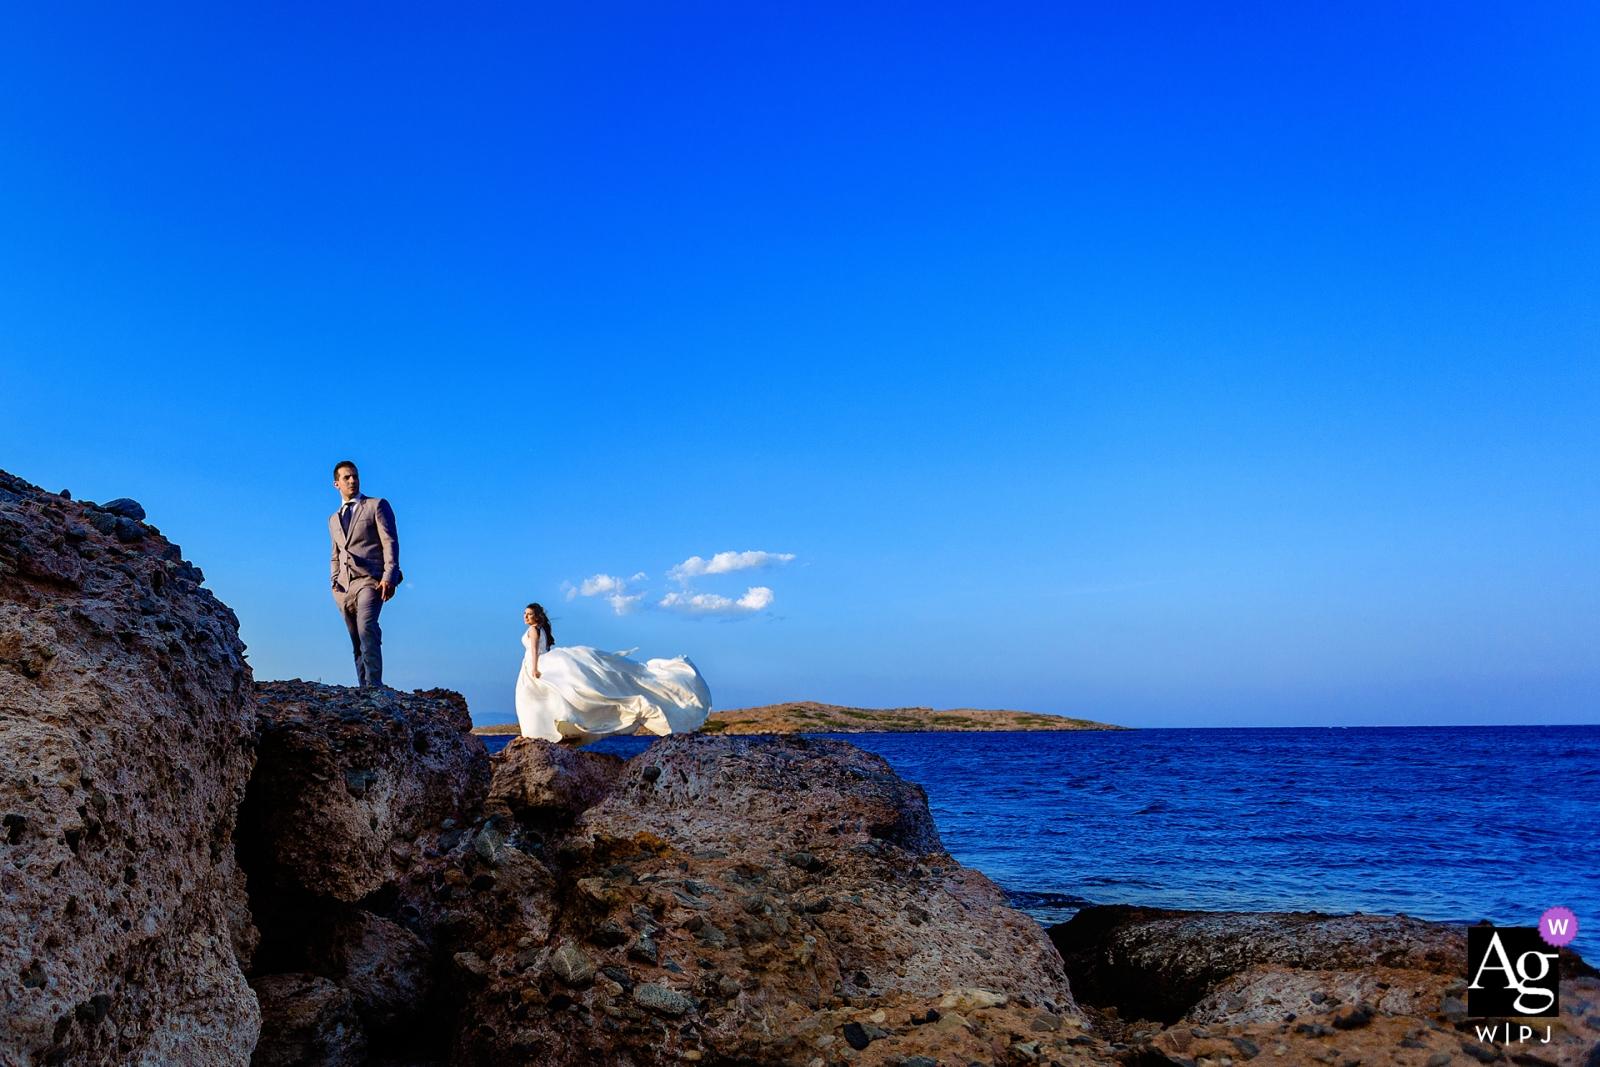 Fotograf ślubny Attica wykonał ten ślubny portret młodej pary stojącej na wietrznym klifie nad błękitnym morzem